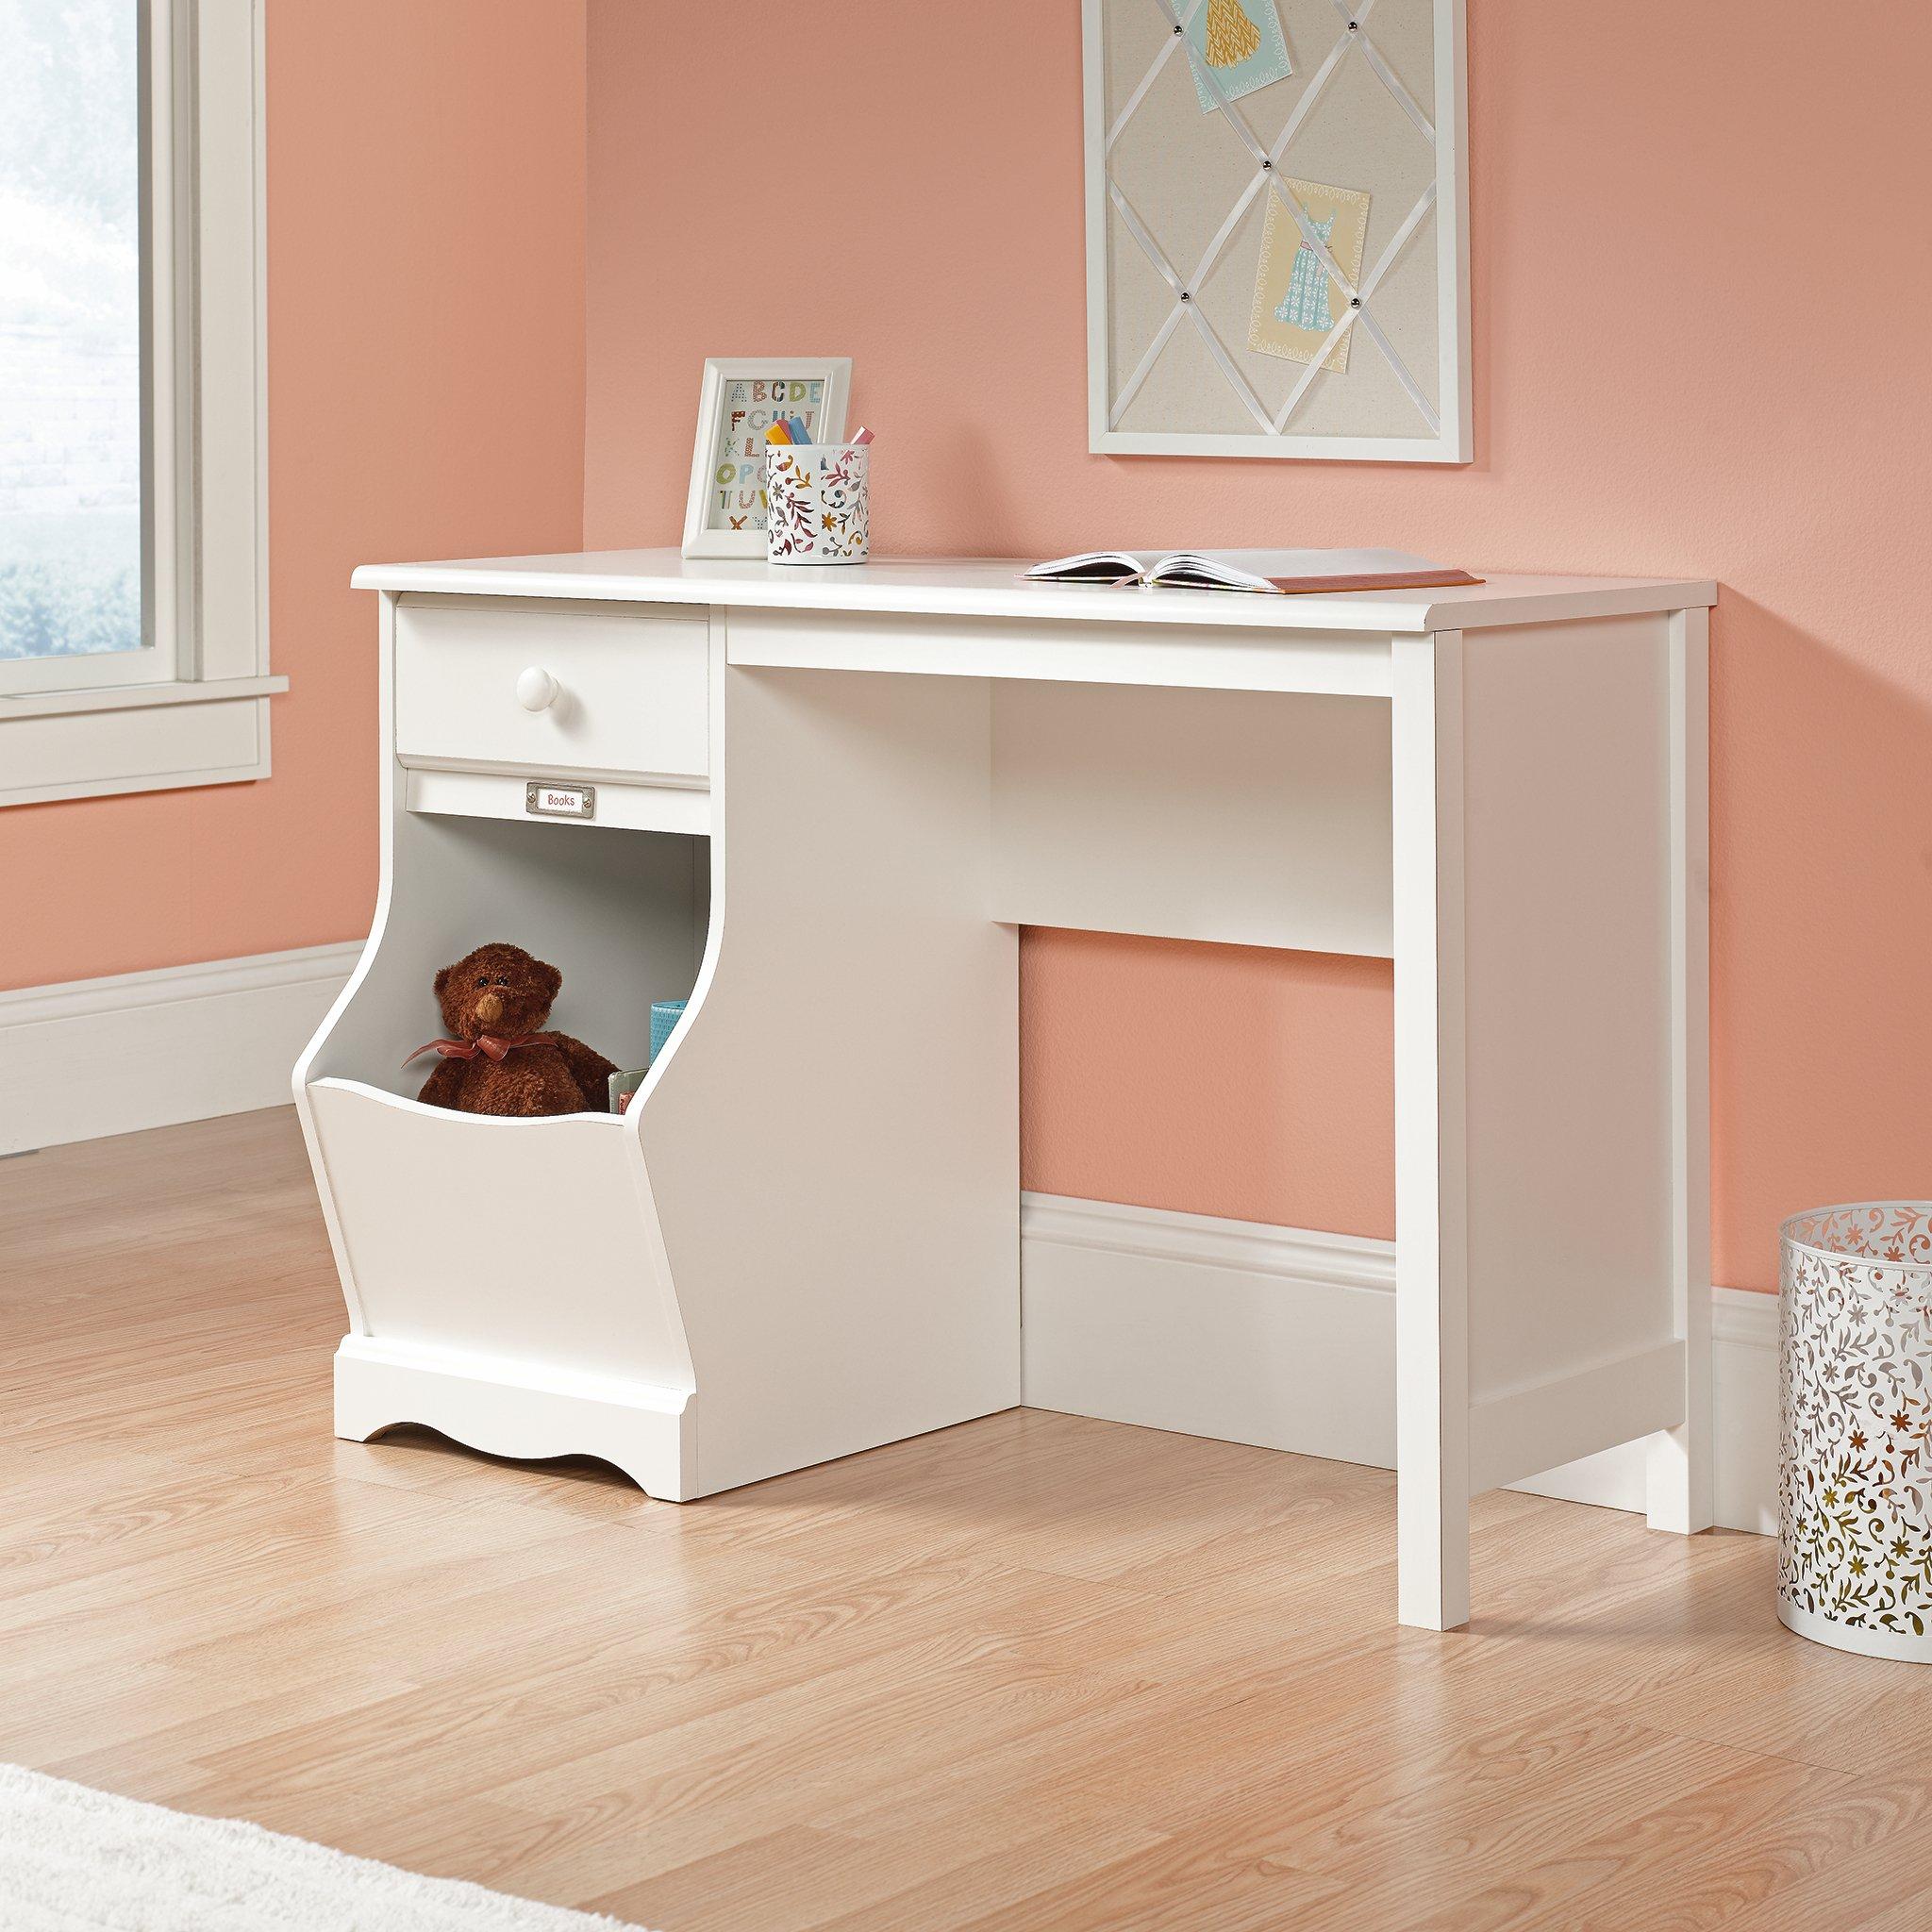 Sauder Pogo Desk for Children, Soft White Finish by Sauder (Image #2)